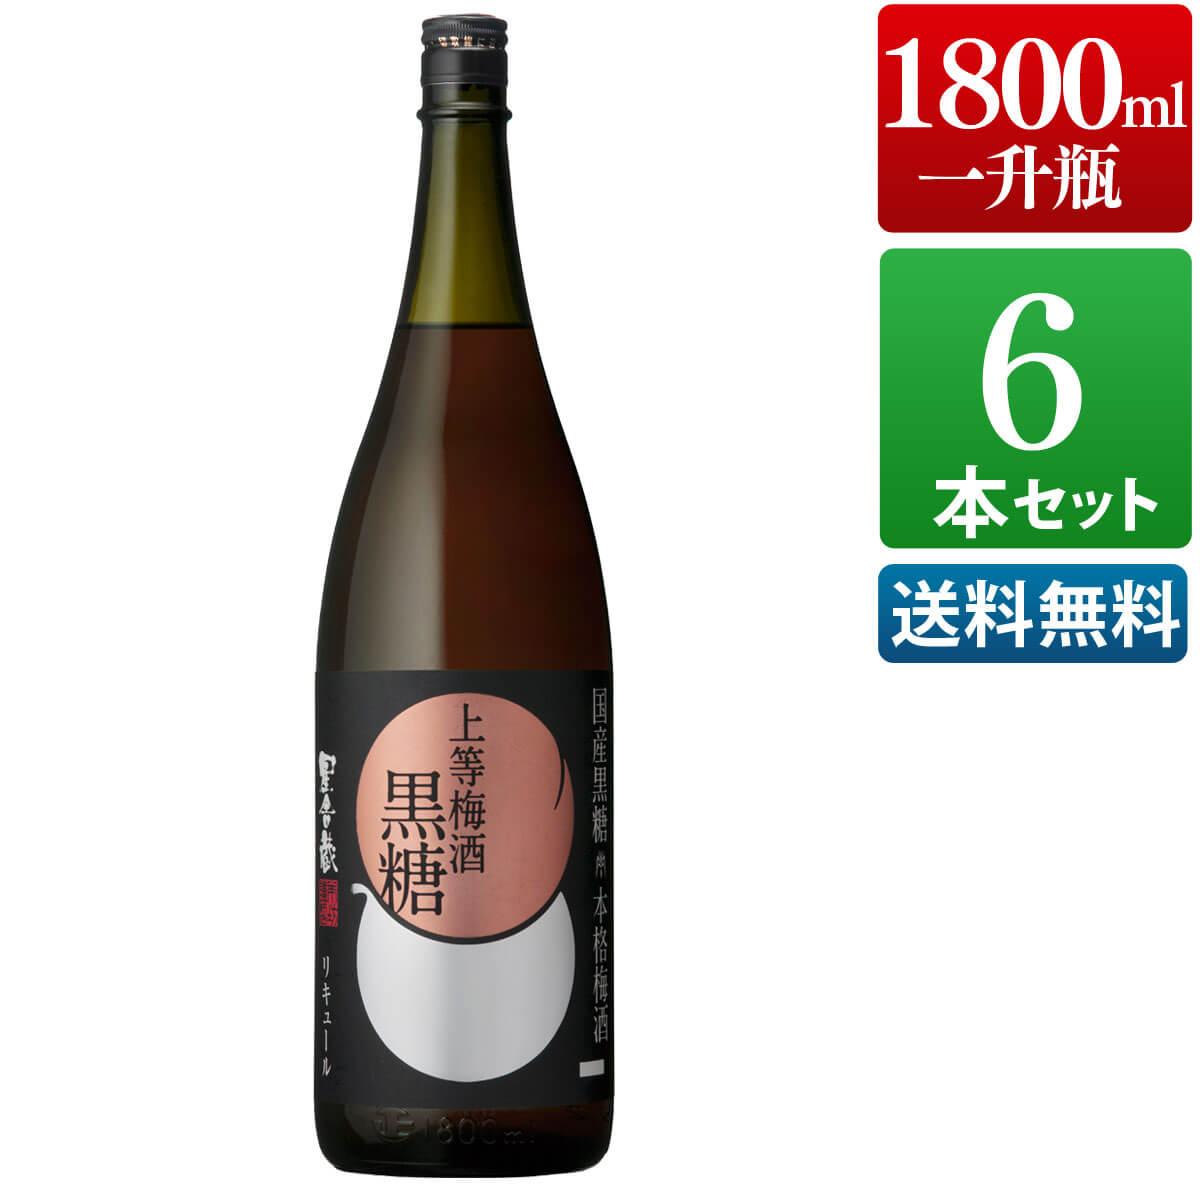 本格梅酒 6本セット 上等梅酒 黒糖 14度 1800ml [ 本坊酒造 梅酒 / 送料無料 ]